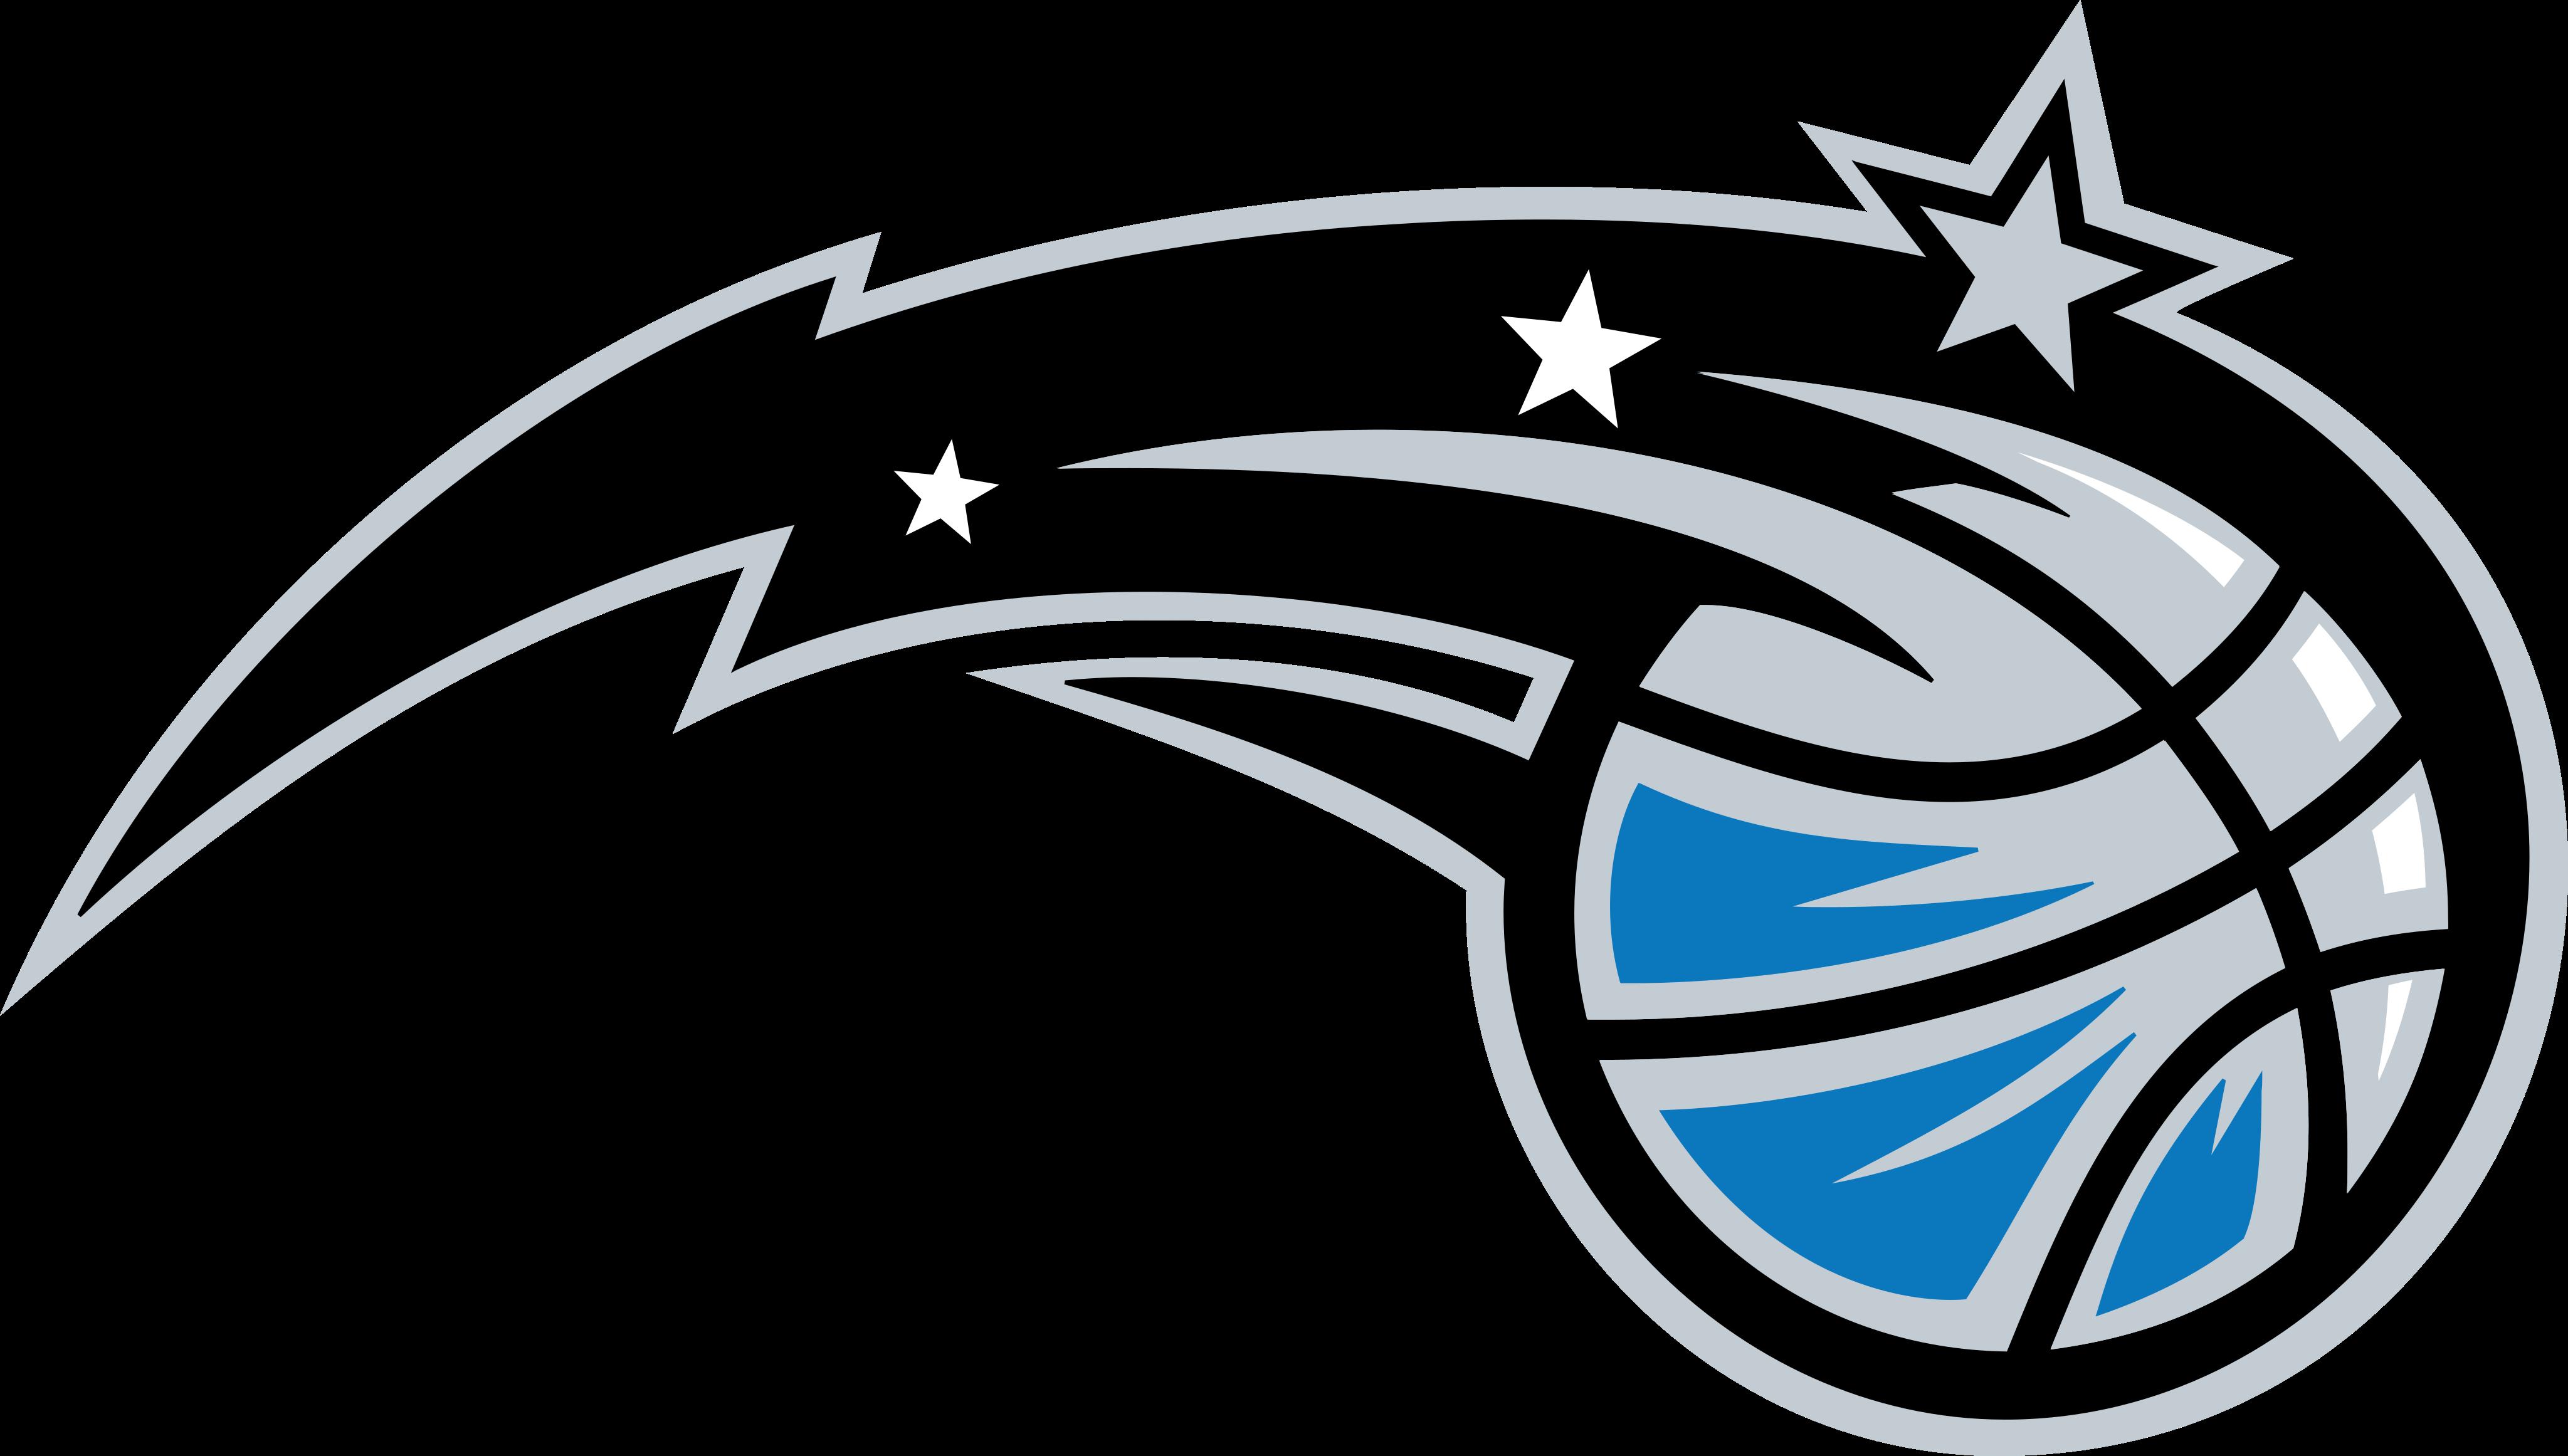 orlando magic logo - Orlando Magic Logo